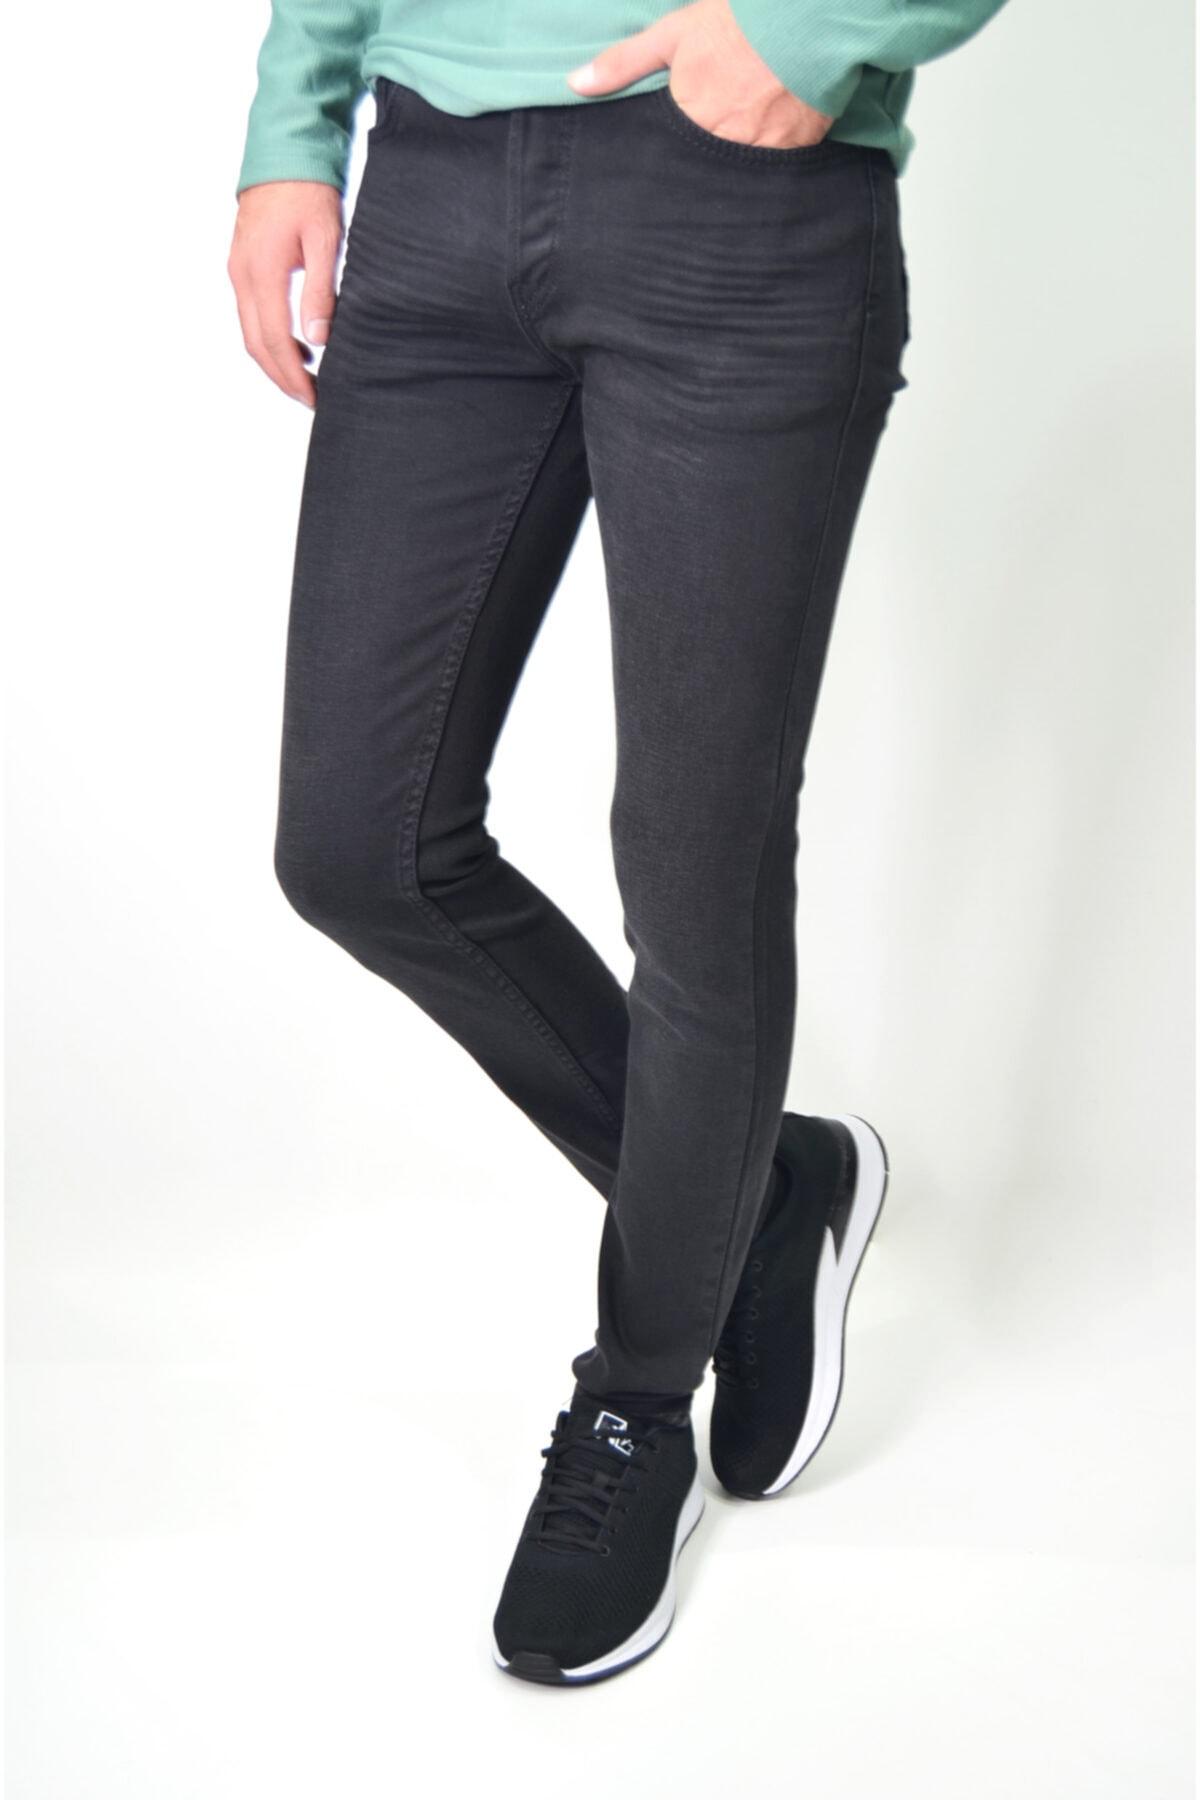 Erkek Siyah Likralı Hafif Çizgili Hafif Taşlamalı Kot Pantolon